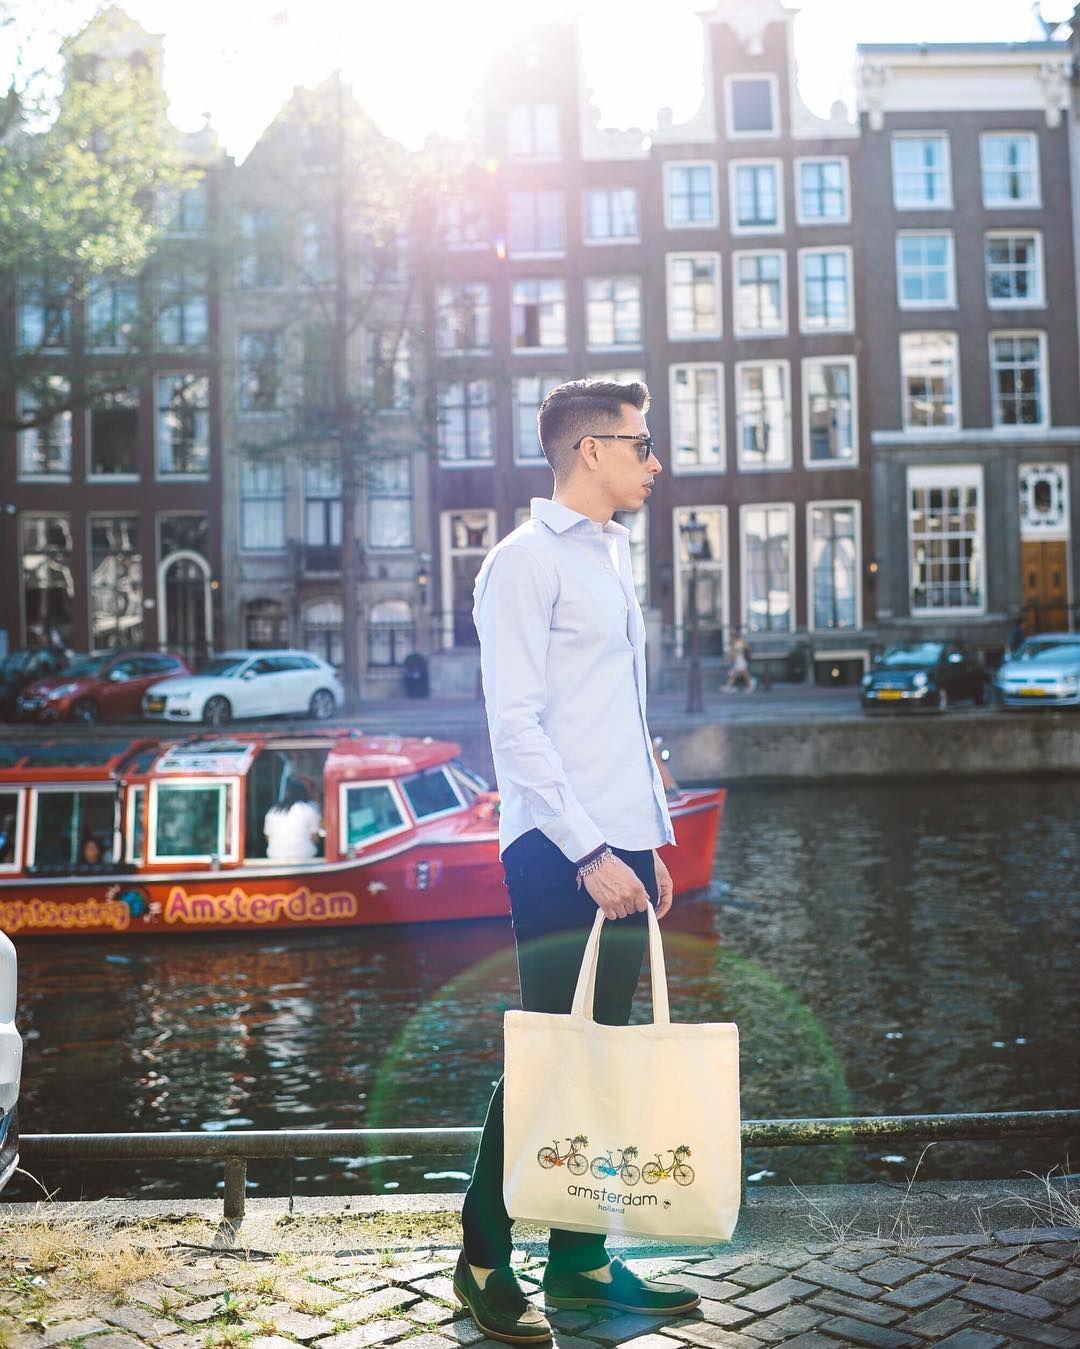 """1,655 Likes, 21 Comments - Blake Scott (@blakescott_) on Instagram: """"Sightseeing!  #BlakeScott #Amsterdam"""""""